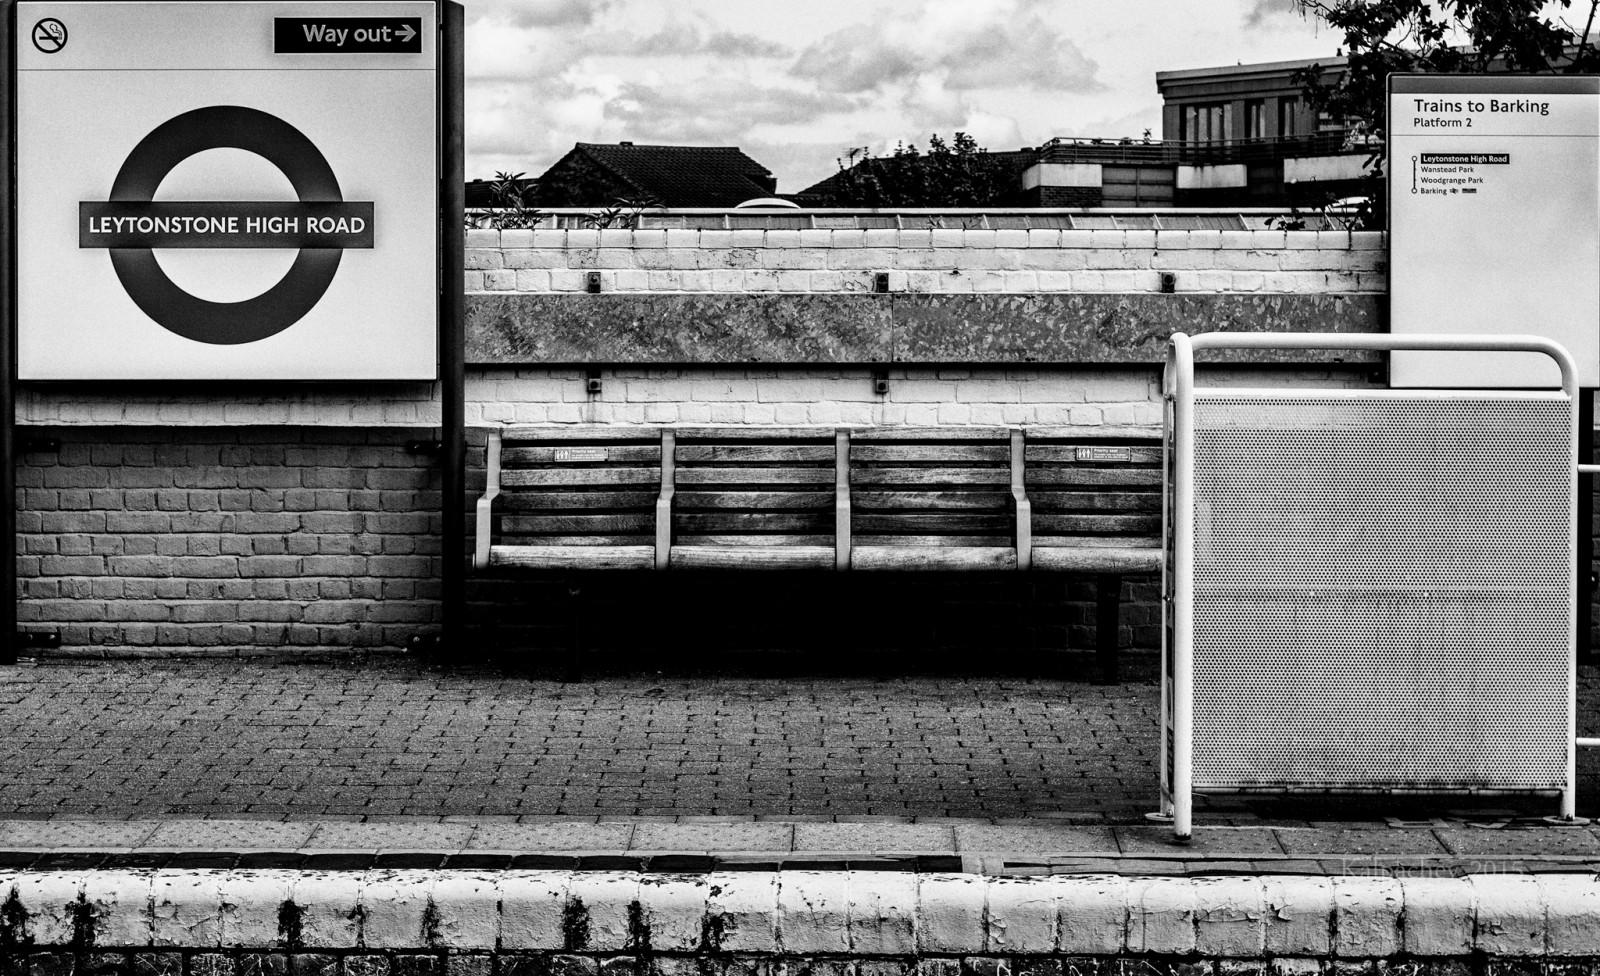 Leytonstone Overground Station 2015